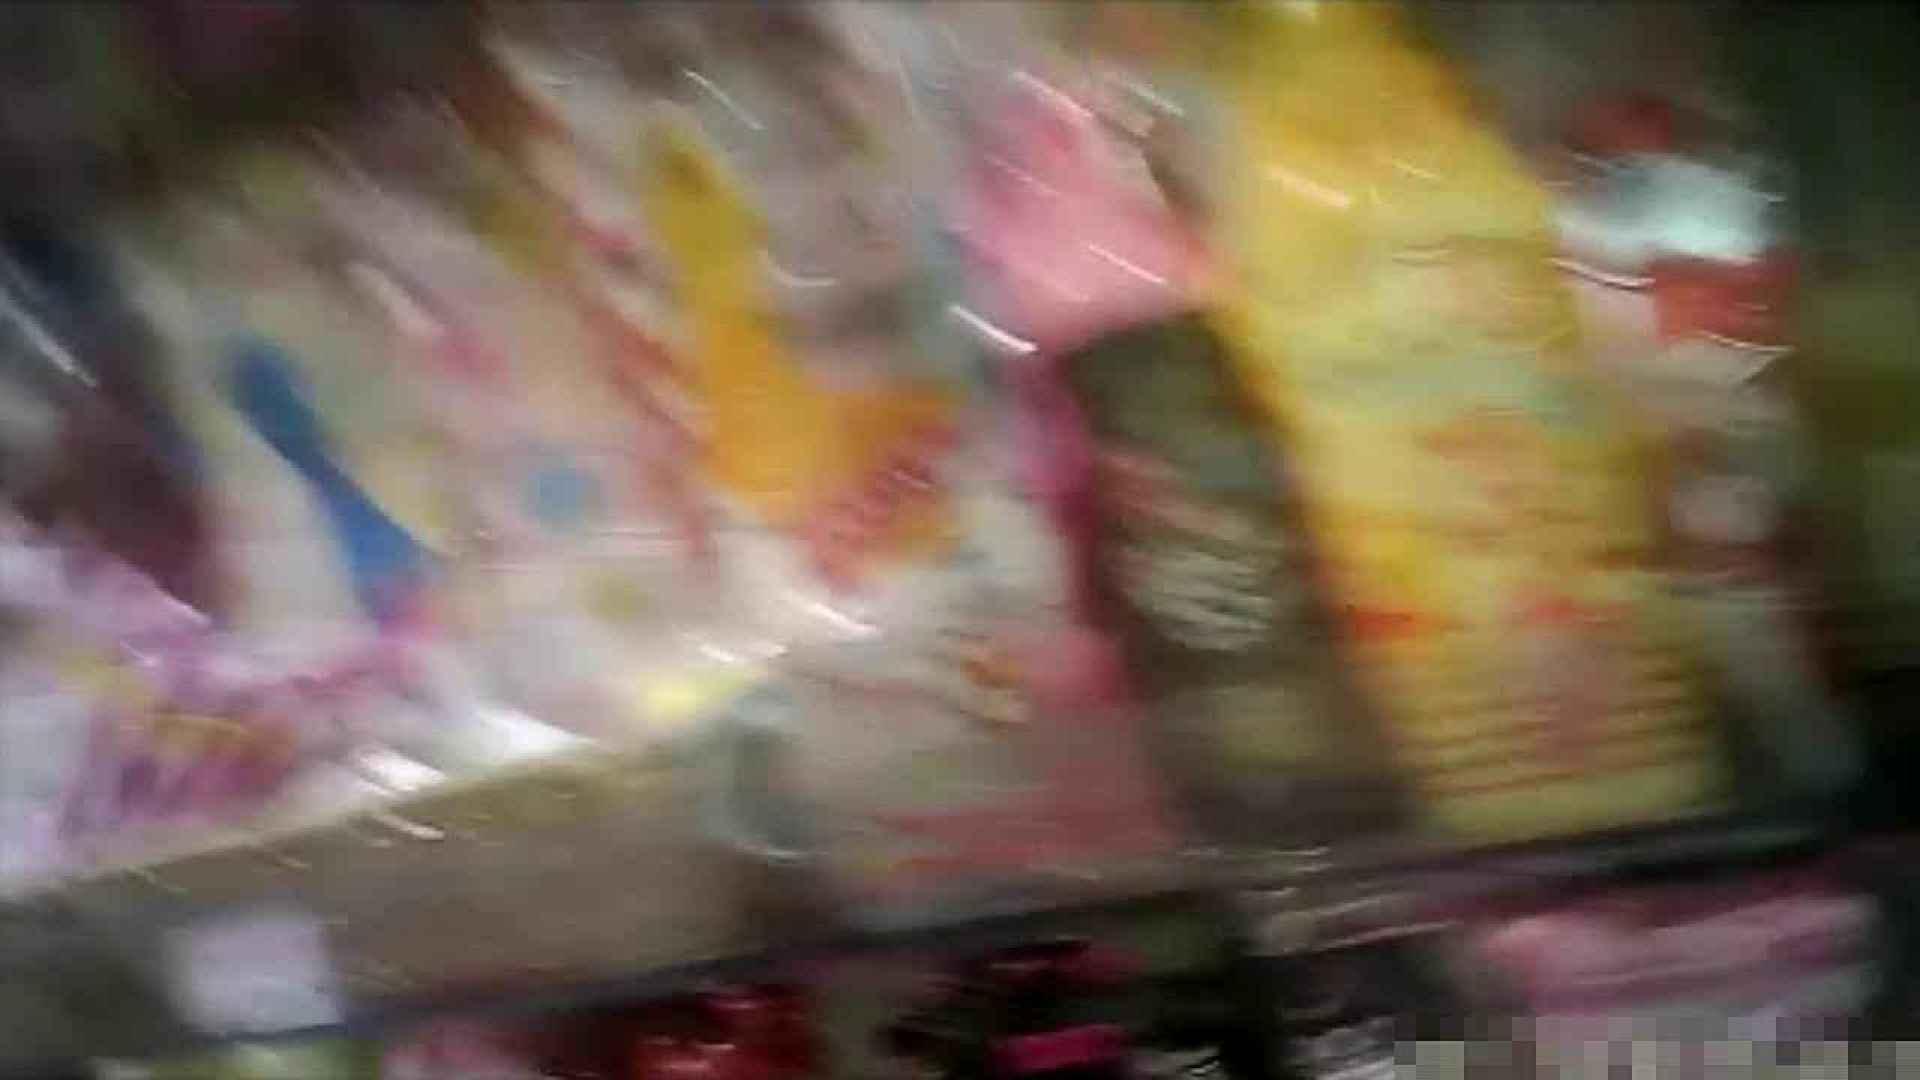 NO.5 意外に豊満な胸の雑貨屋で物色中のお女市さん 胸チラ  66PIX 44